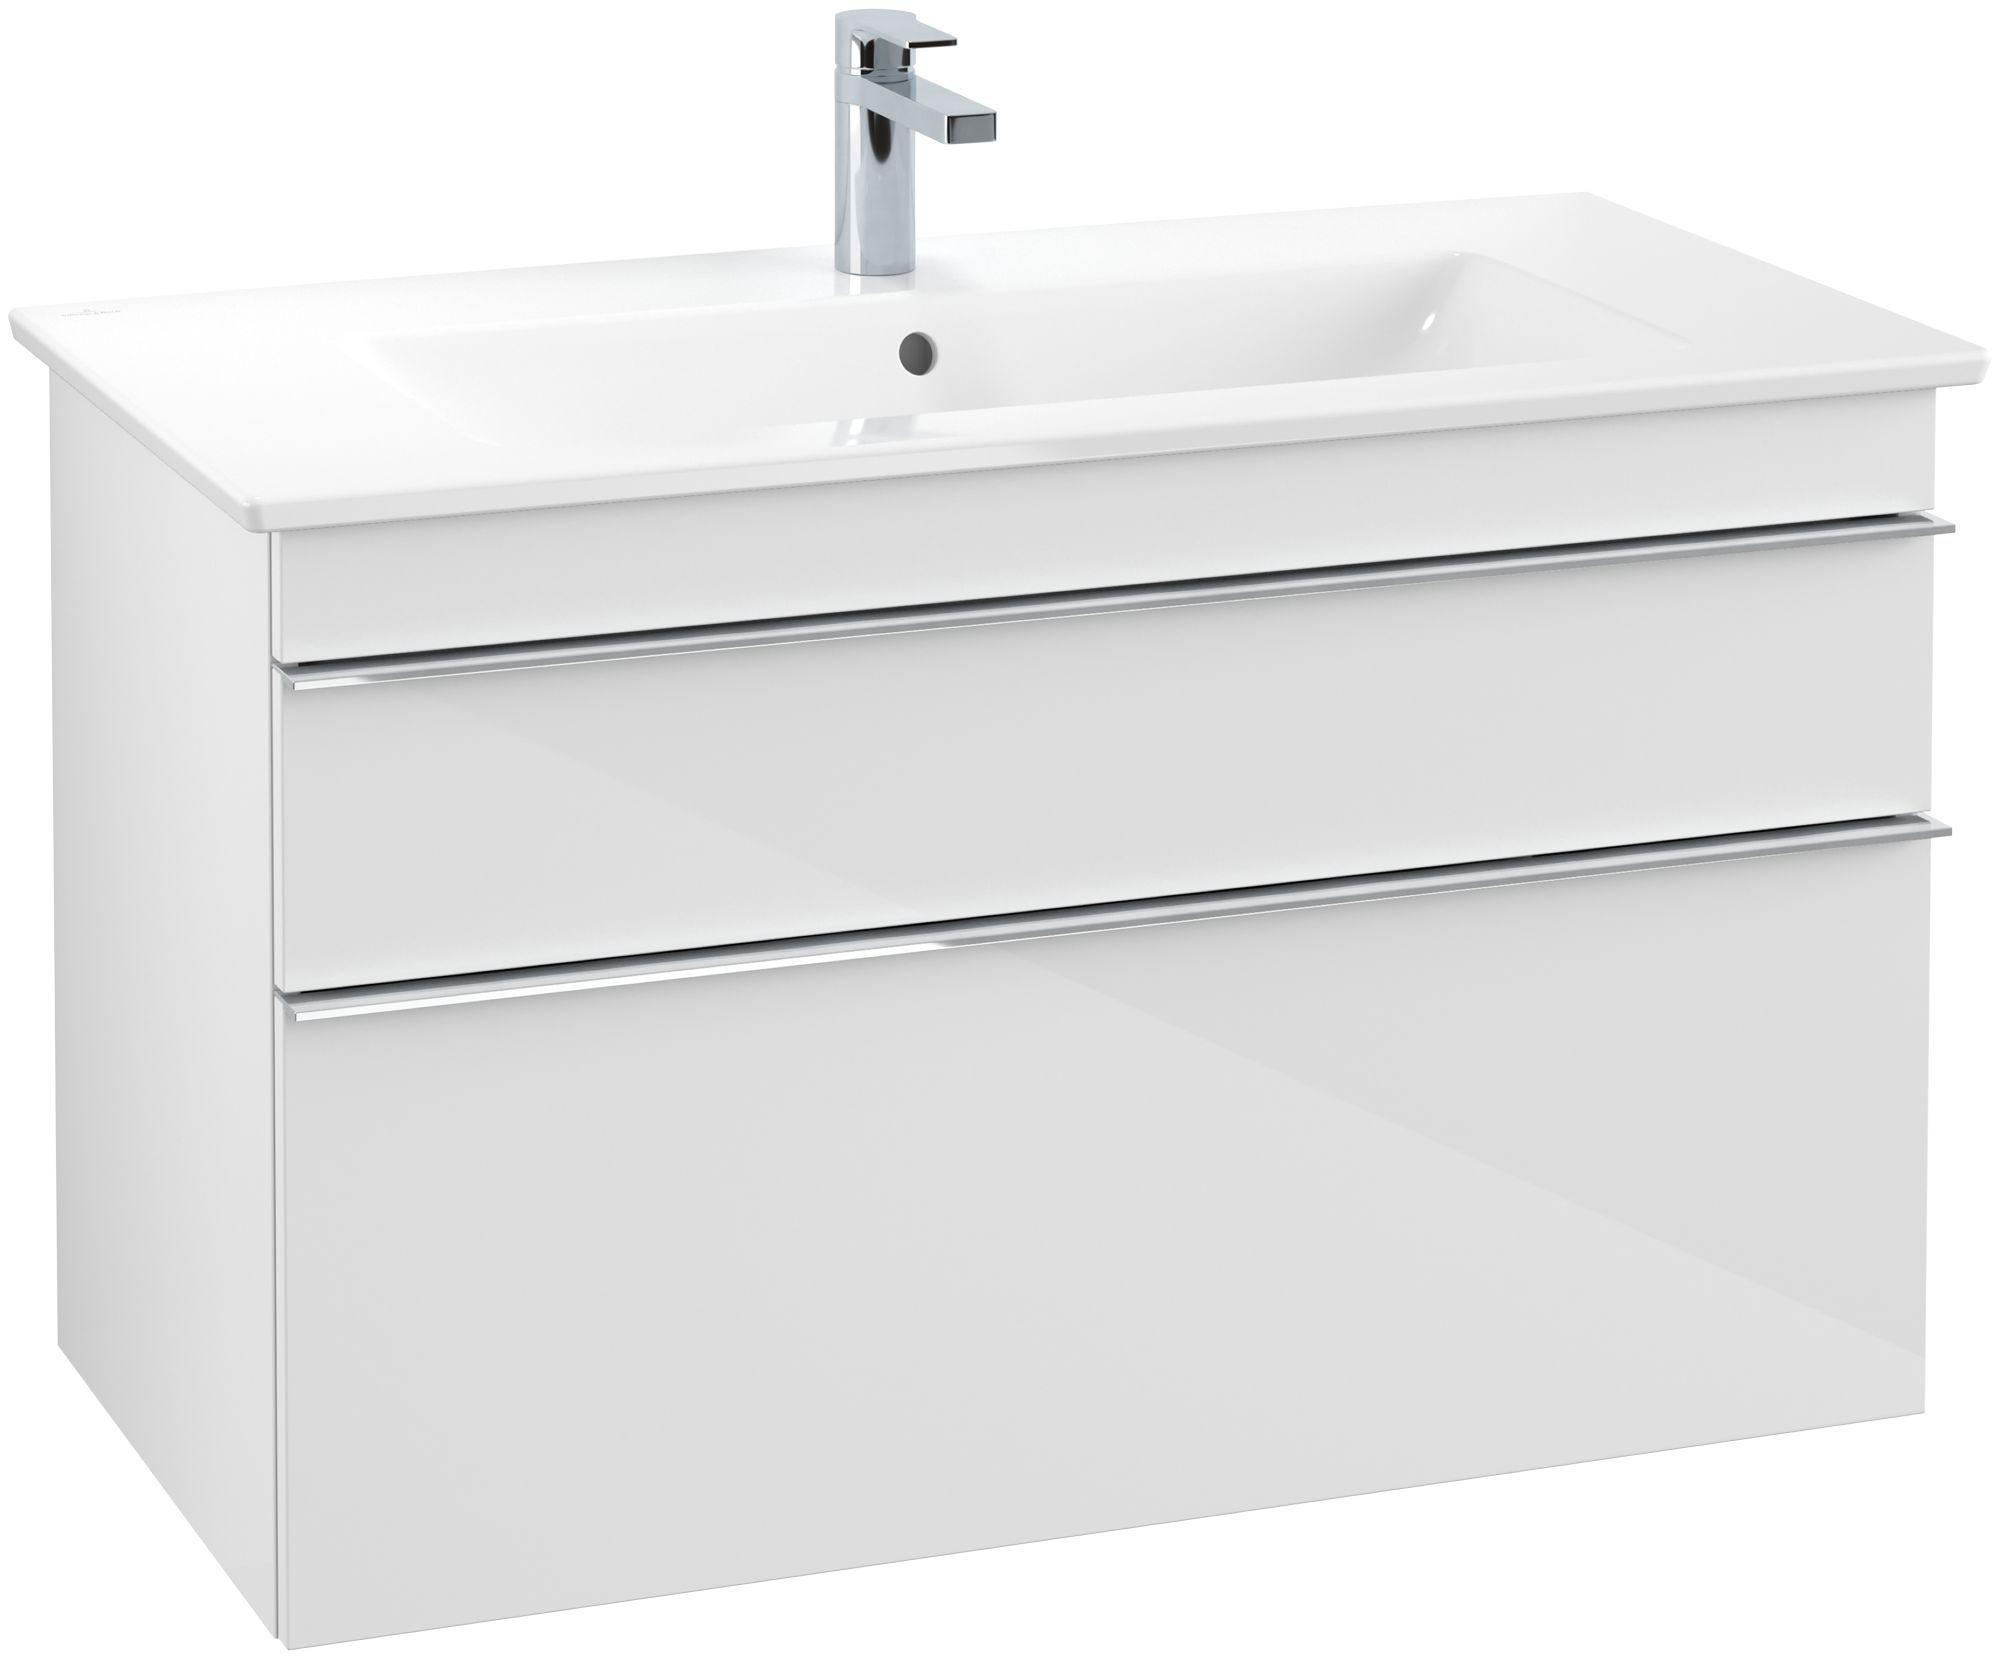 Villeroy & Boch Venticello Waschtischunterschrank 2 Auszüge B:953xT:502xH:590mm glossy weiß Griffe chrom A92601DH